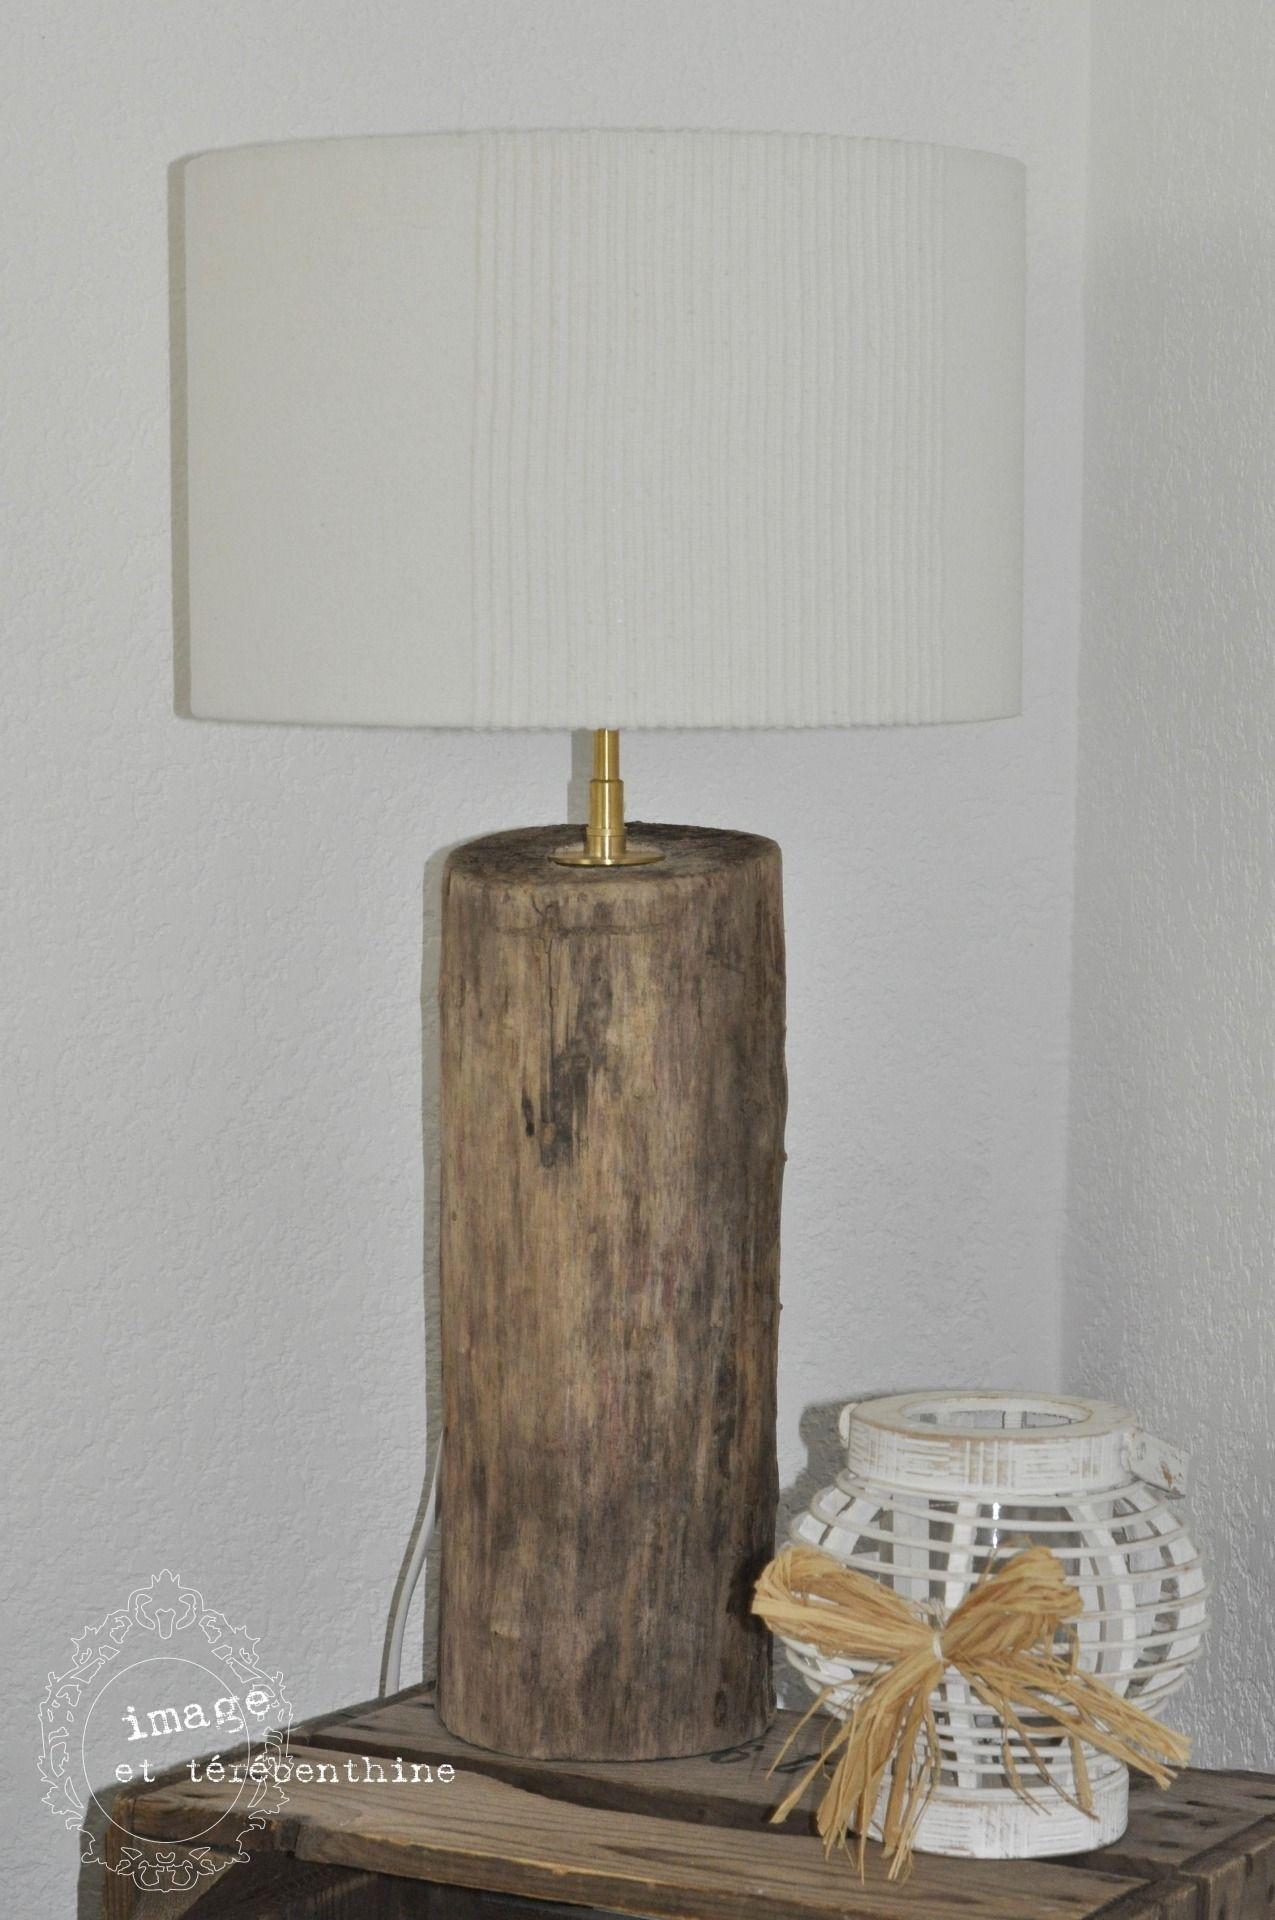 Lampe A Poser En Bois Flotte Luminaires Par Image Et Terebenthine Sur ALittleMarket Abat Jour BlancGuirlandes